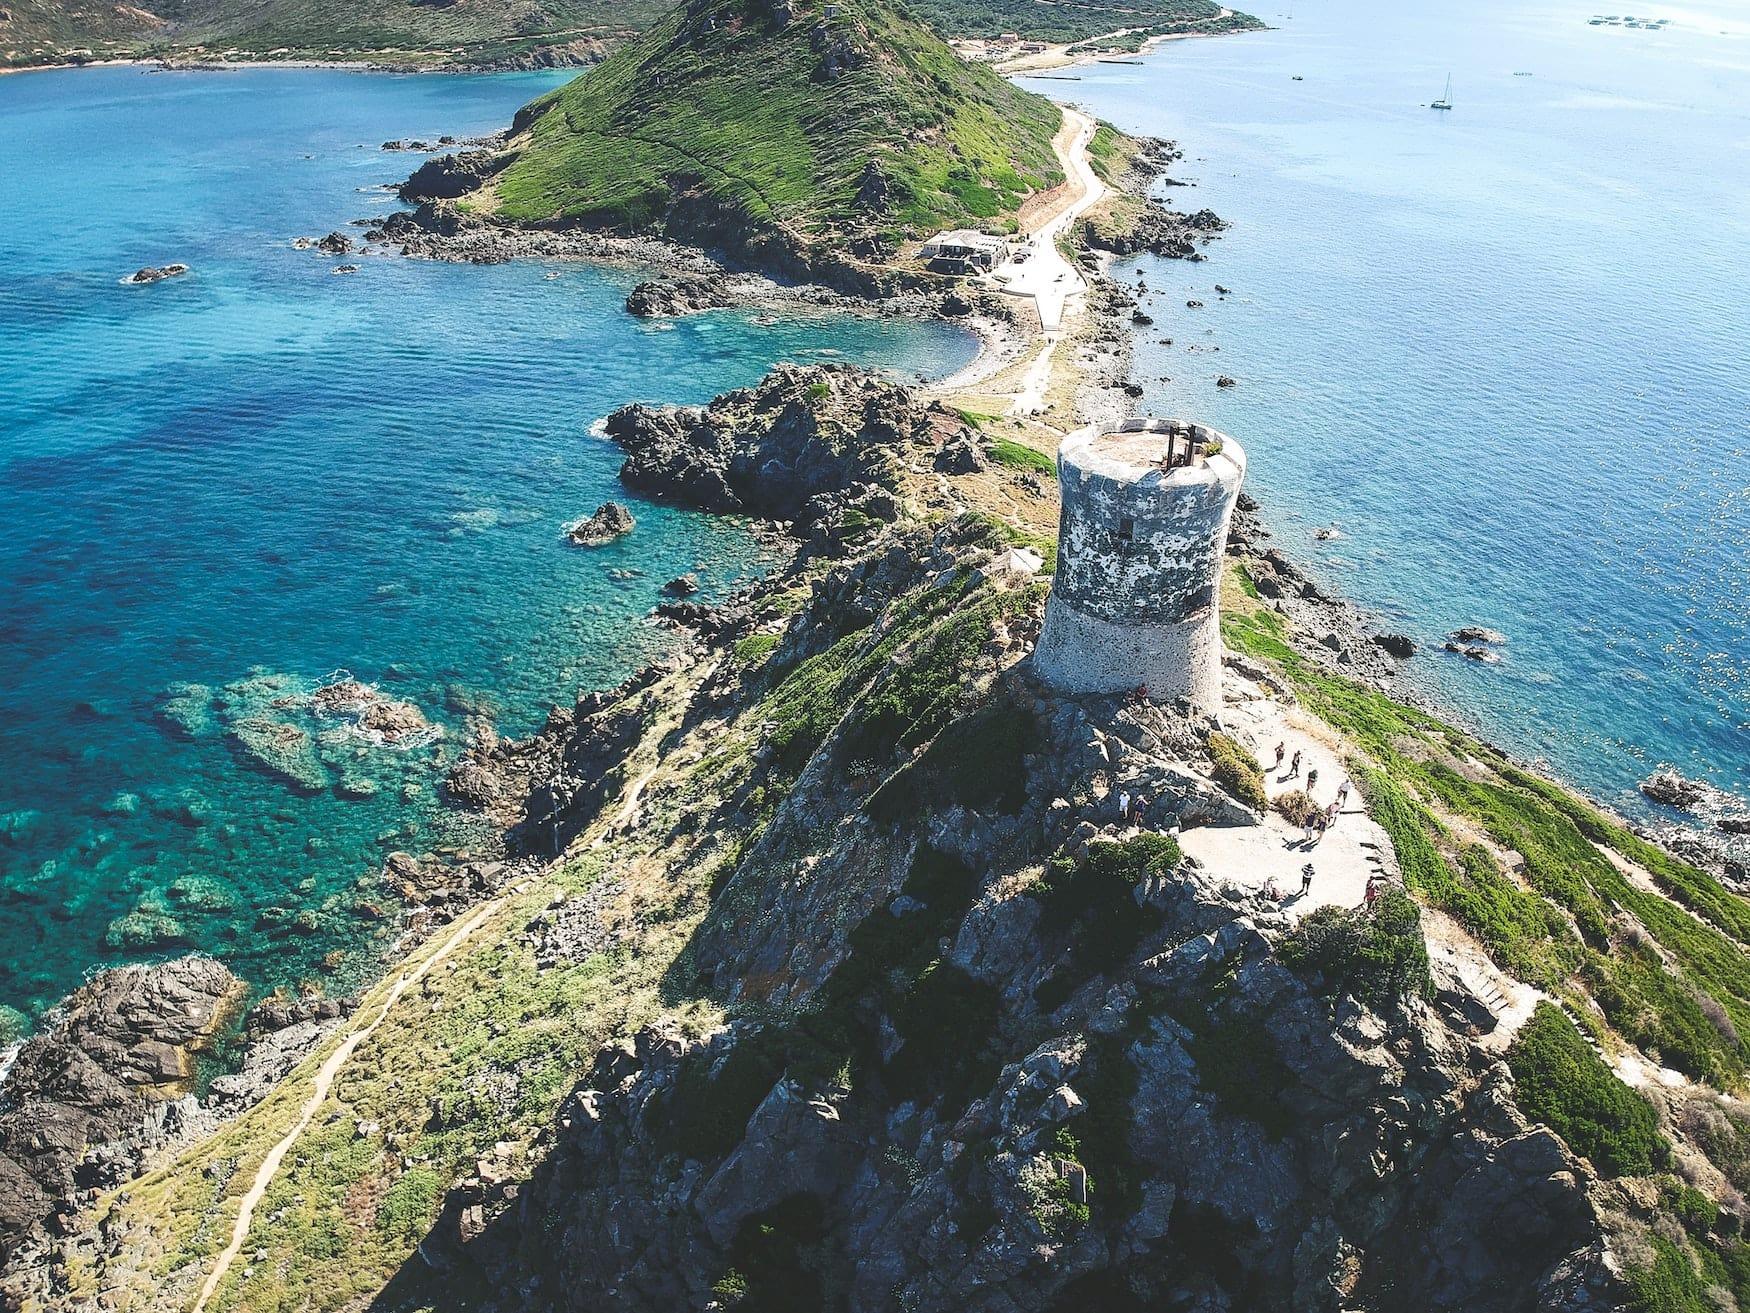 Parata-Festungen an den Küsten von Korsika